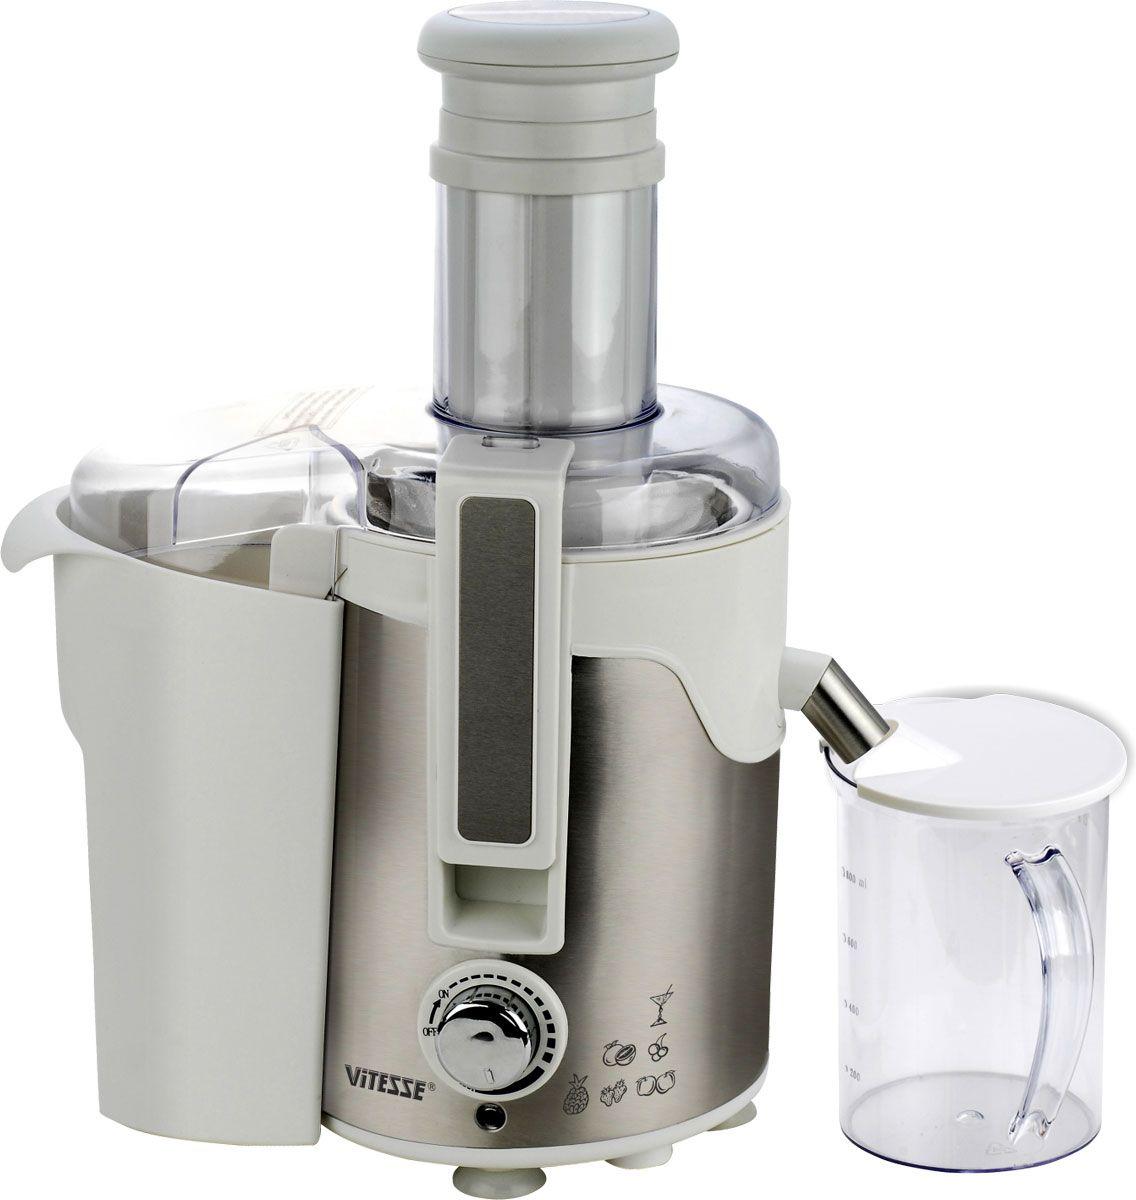 Vitesse VS-550 соковыжималкаVS-550Электрическая соковыжималка Vitesse VS-550 обладает высокой мощностью и широкой горловиной, что удобно при закладке исходных продуктов. С соковыжималкой Vitesse вы легко сможете приготовить свежий, полный витаминов сок из фруктов и овощей. Дополнительную устойчивость придают прорезиненные ножки, а благодаря простому управлению и функции автоматического выброса мякоти процесс не займет много времени.